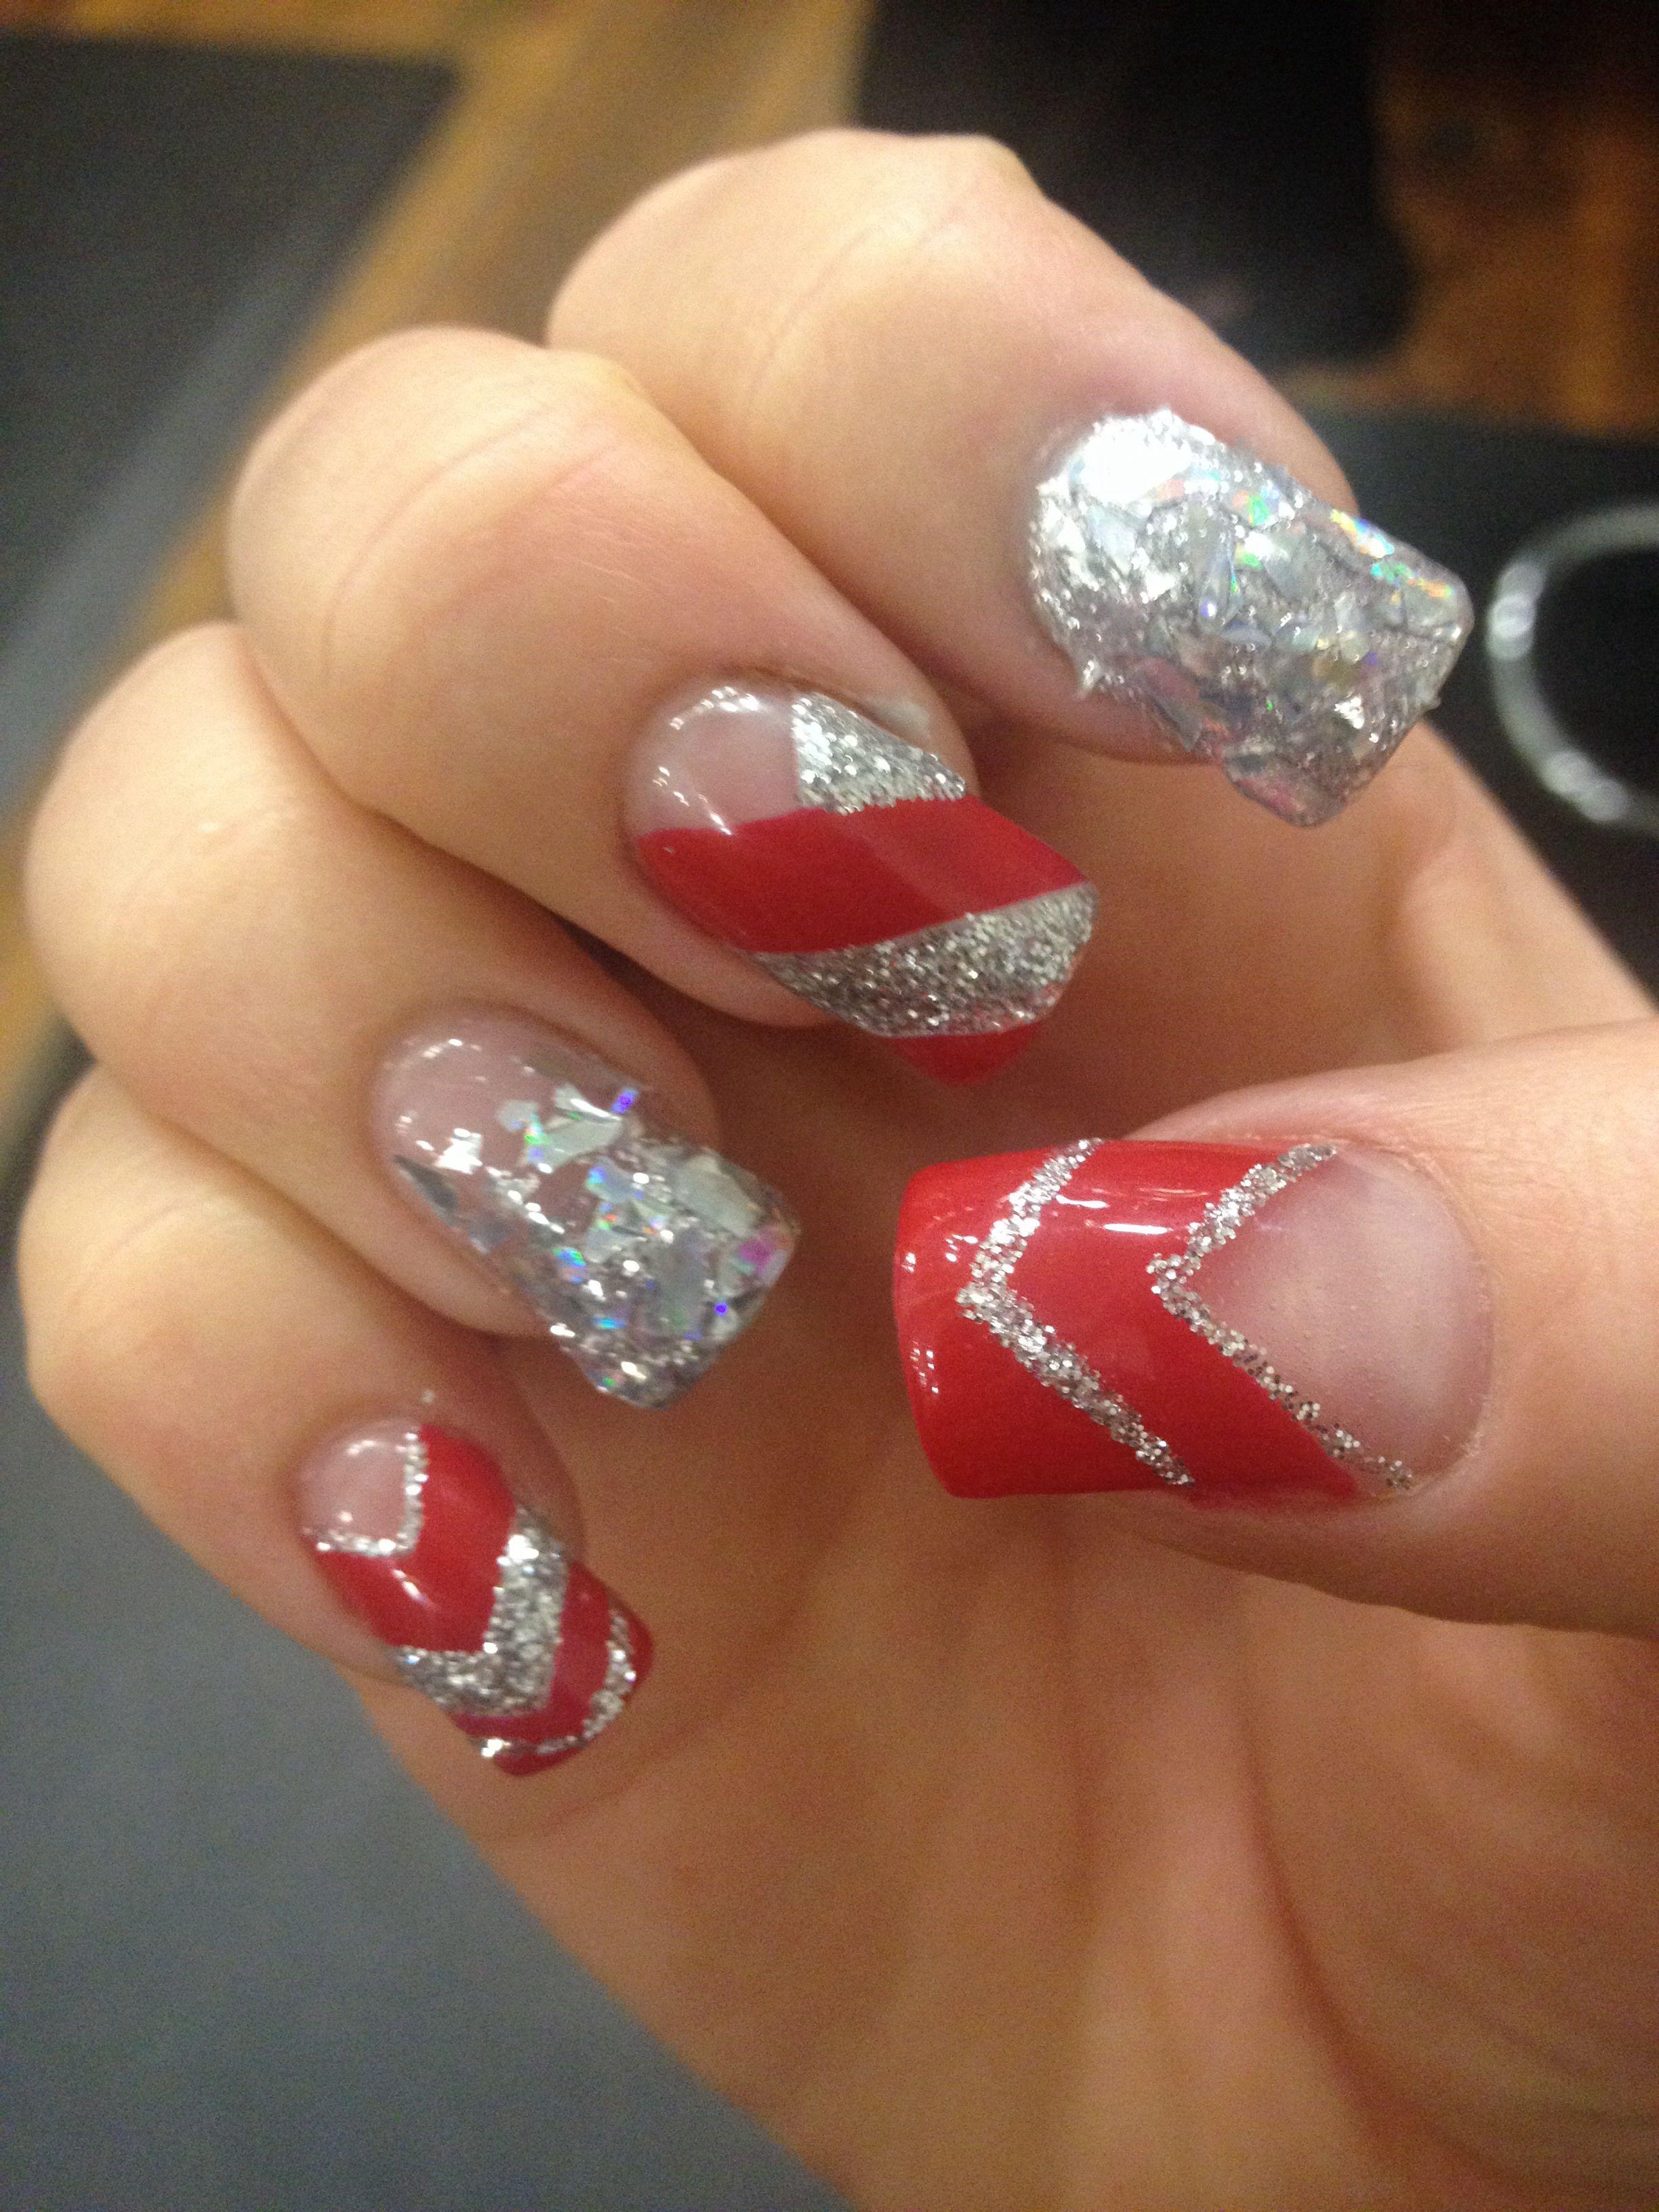 My Holiday Nails Nails Nailart Acrylic Christmas Christmasnails